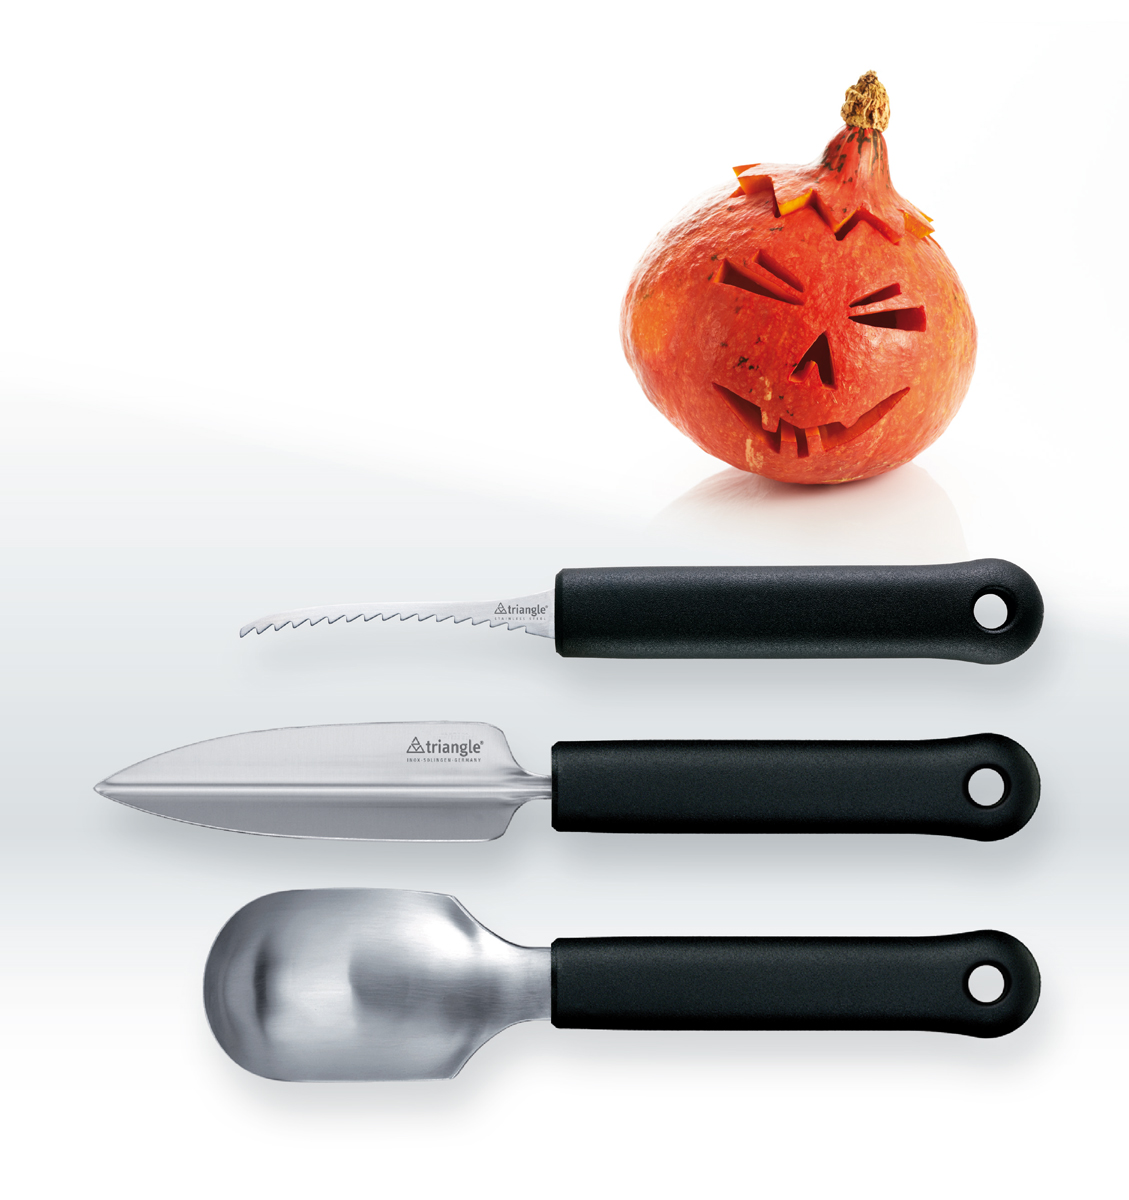 Set Coltelli per Zucca Inox Coltelli per creare zucche di Halloween  3 coltelli